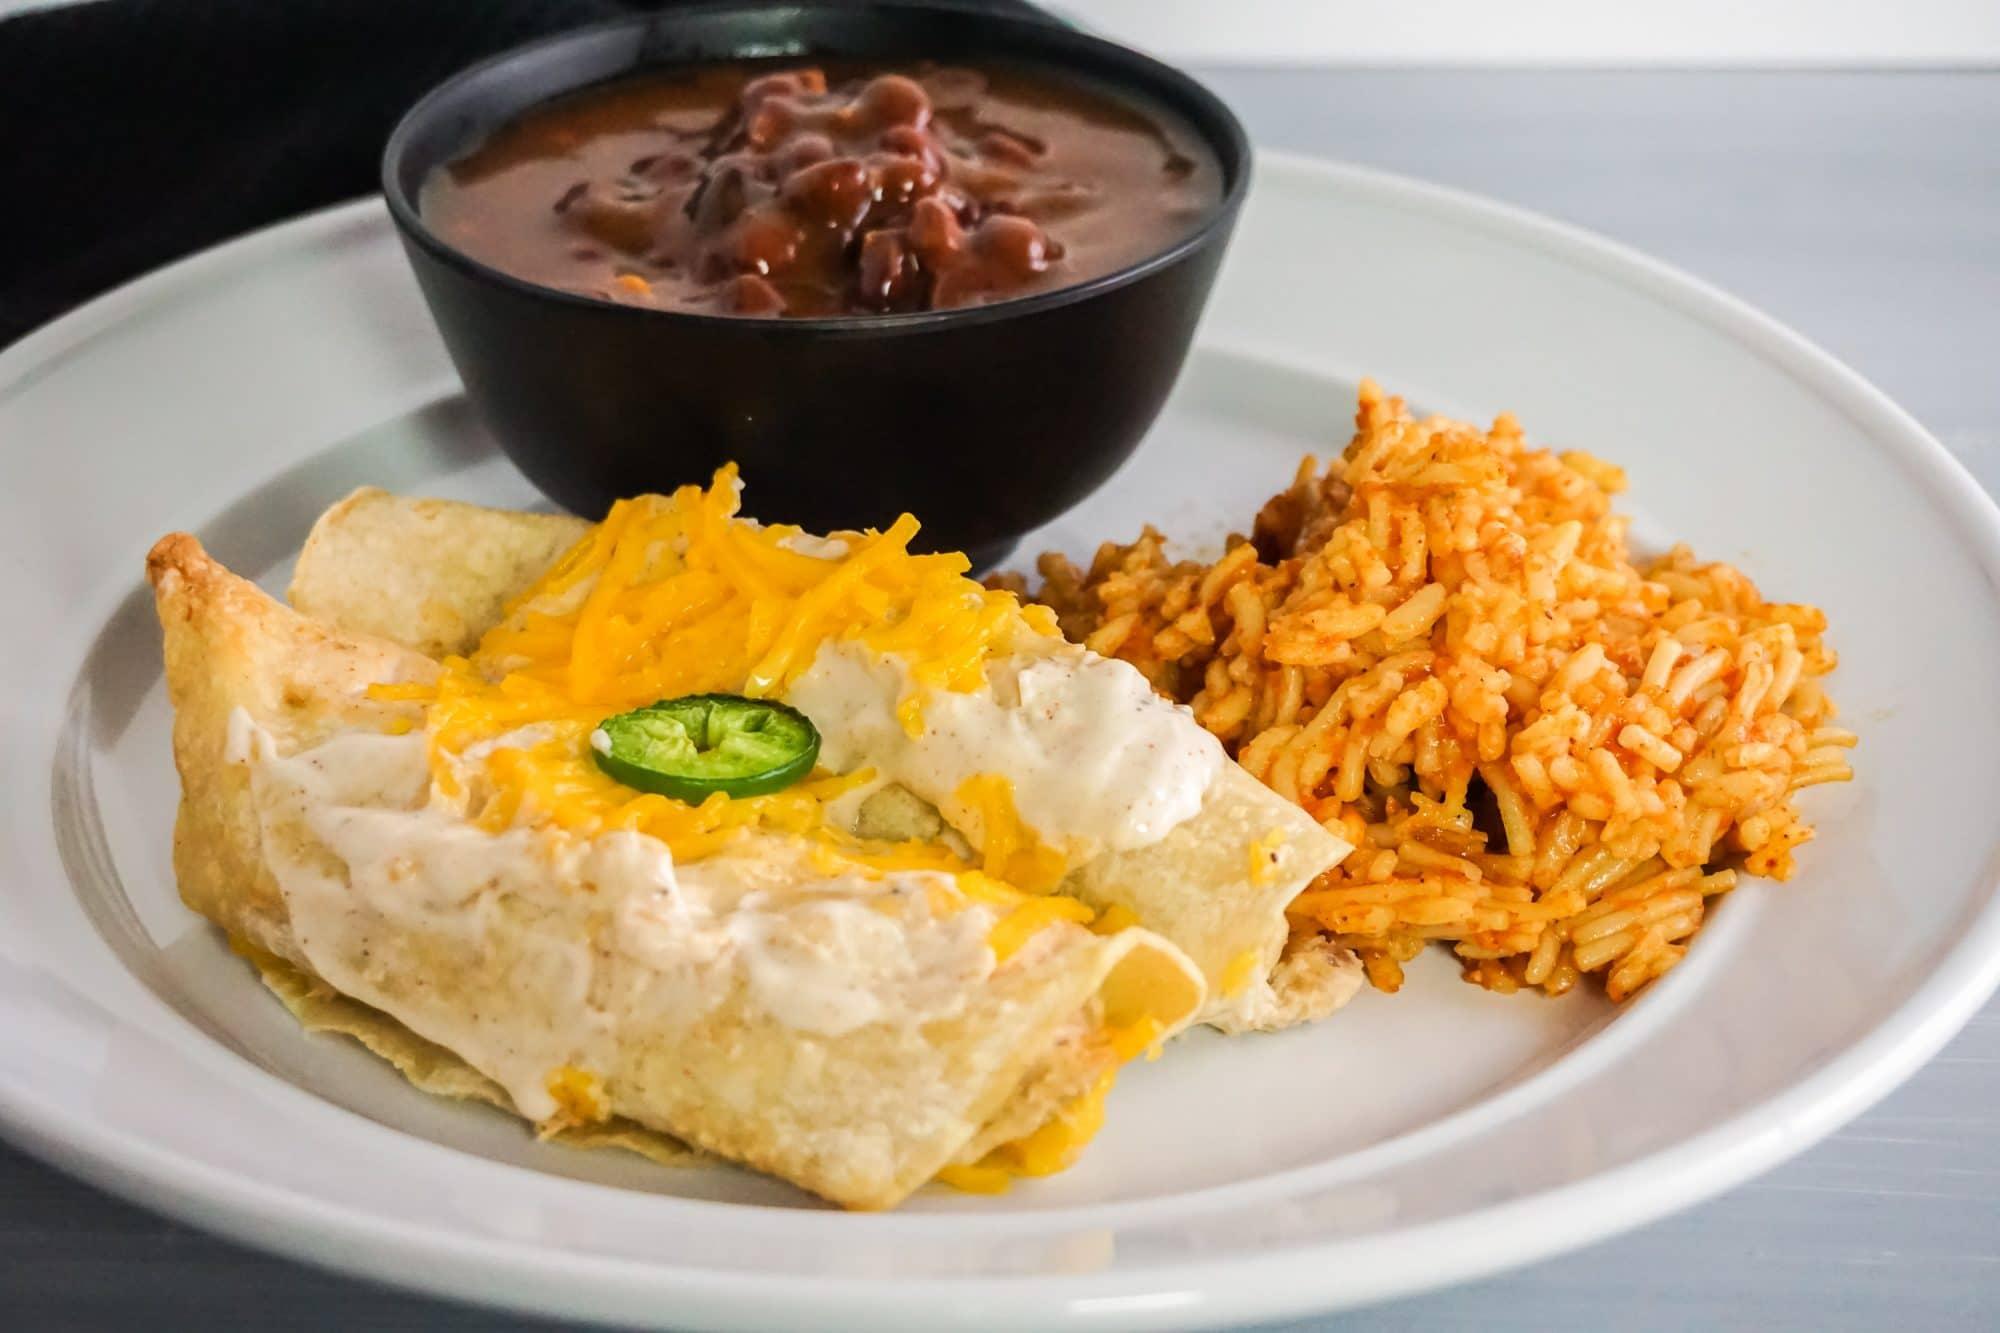 enchilada dinner on white plate